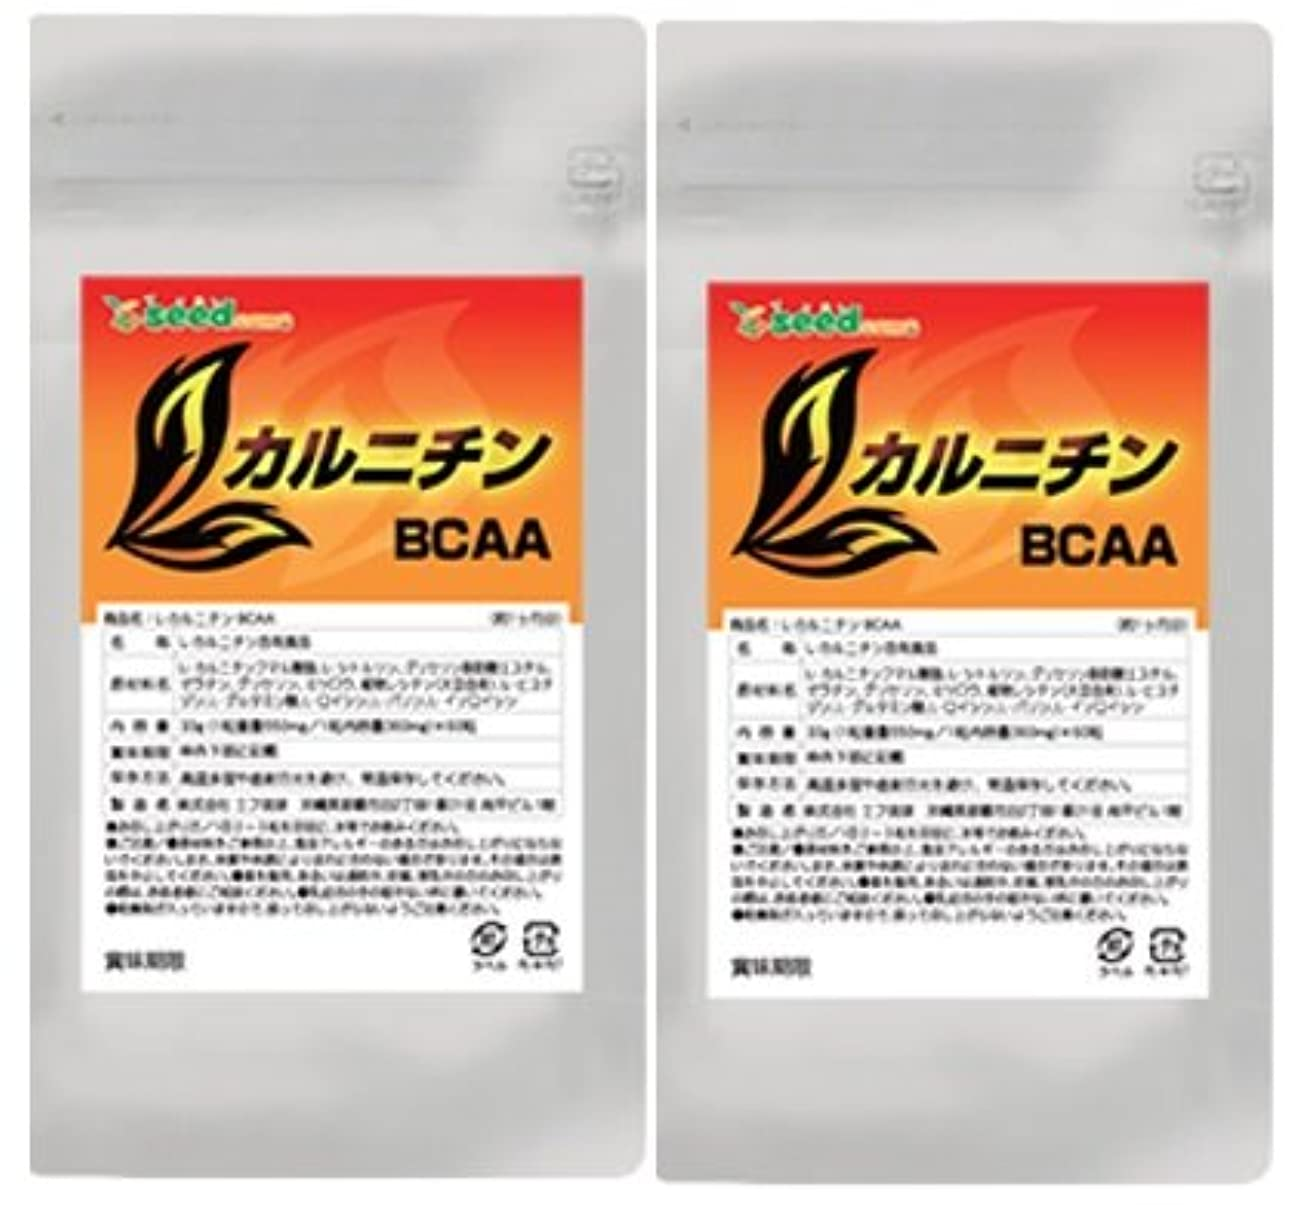 孤児血統枯れるL-カルニチン BCAA (必須アミノ酸のバリン、ロイシン、イソロイシン(BCAA)も配合) (約6ケ月分)